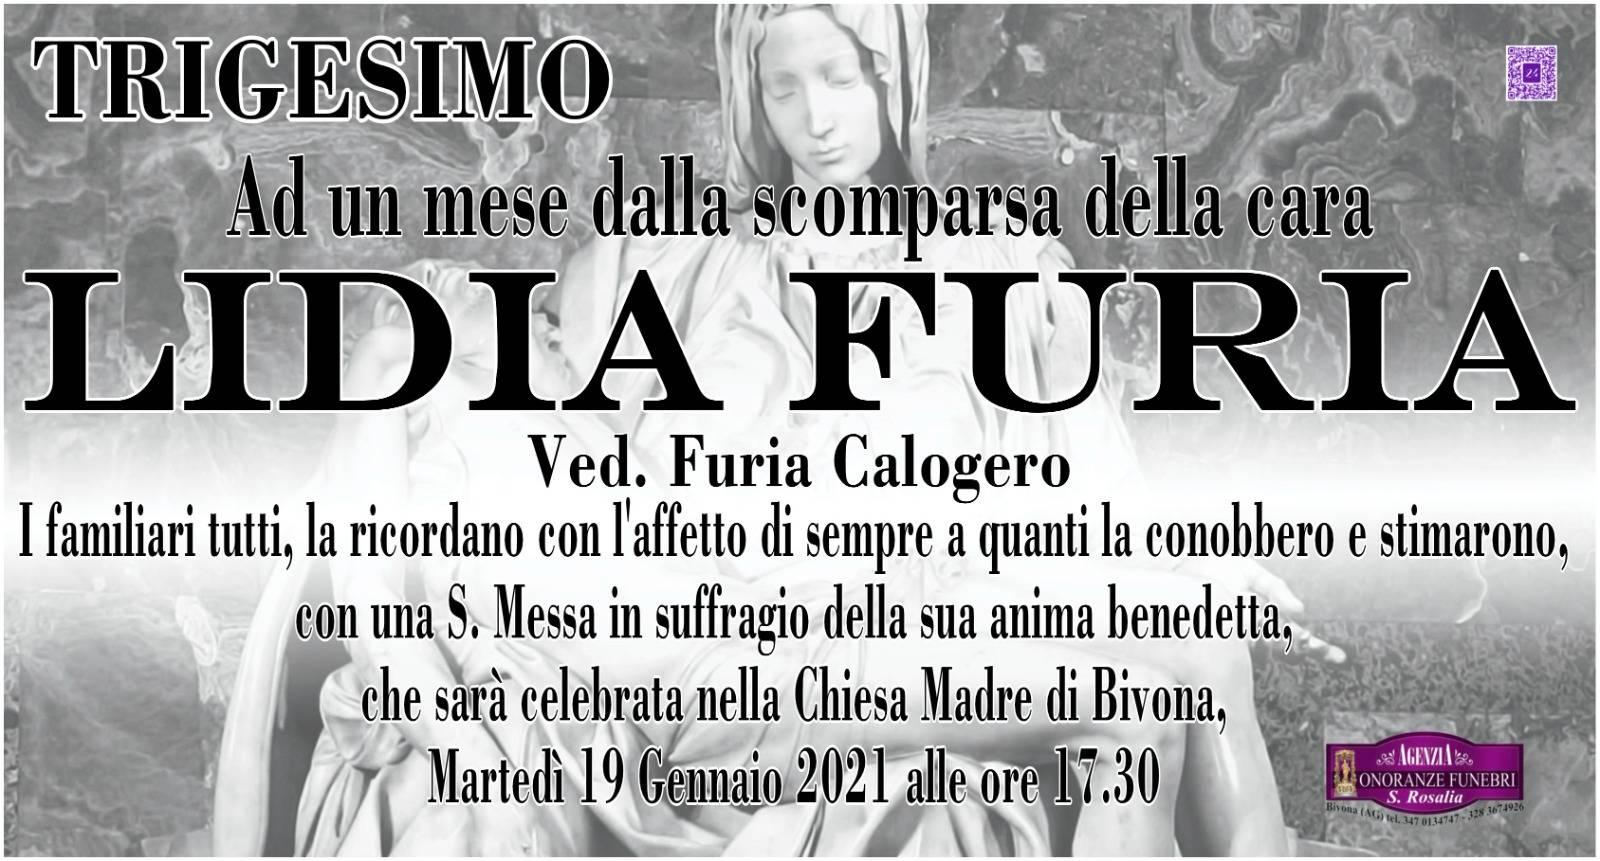 Lidia Furia